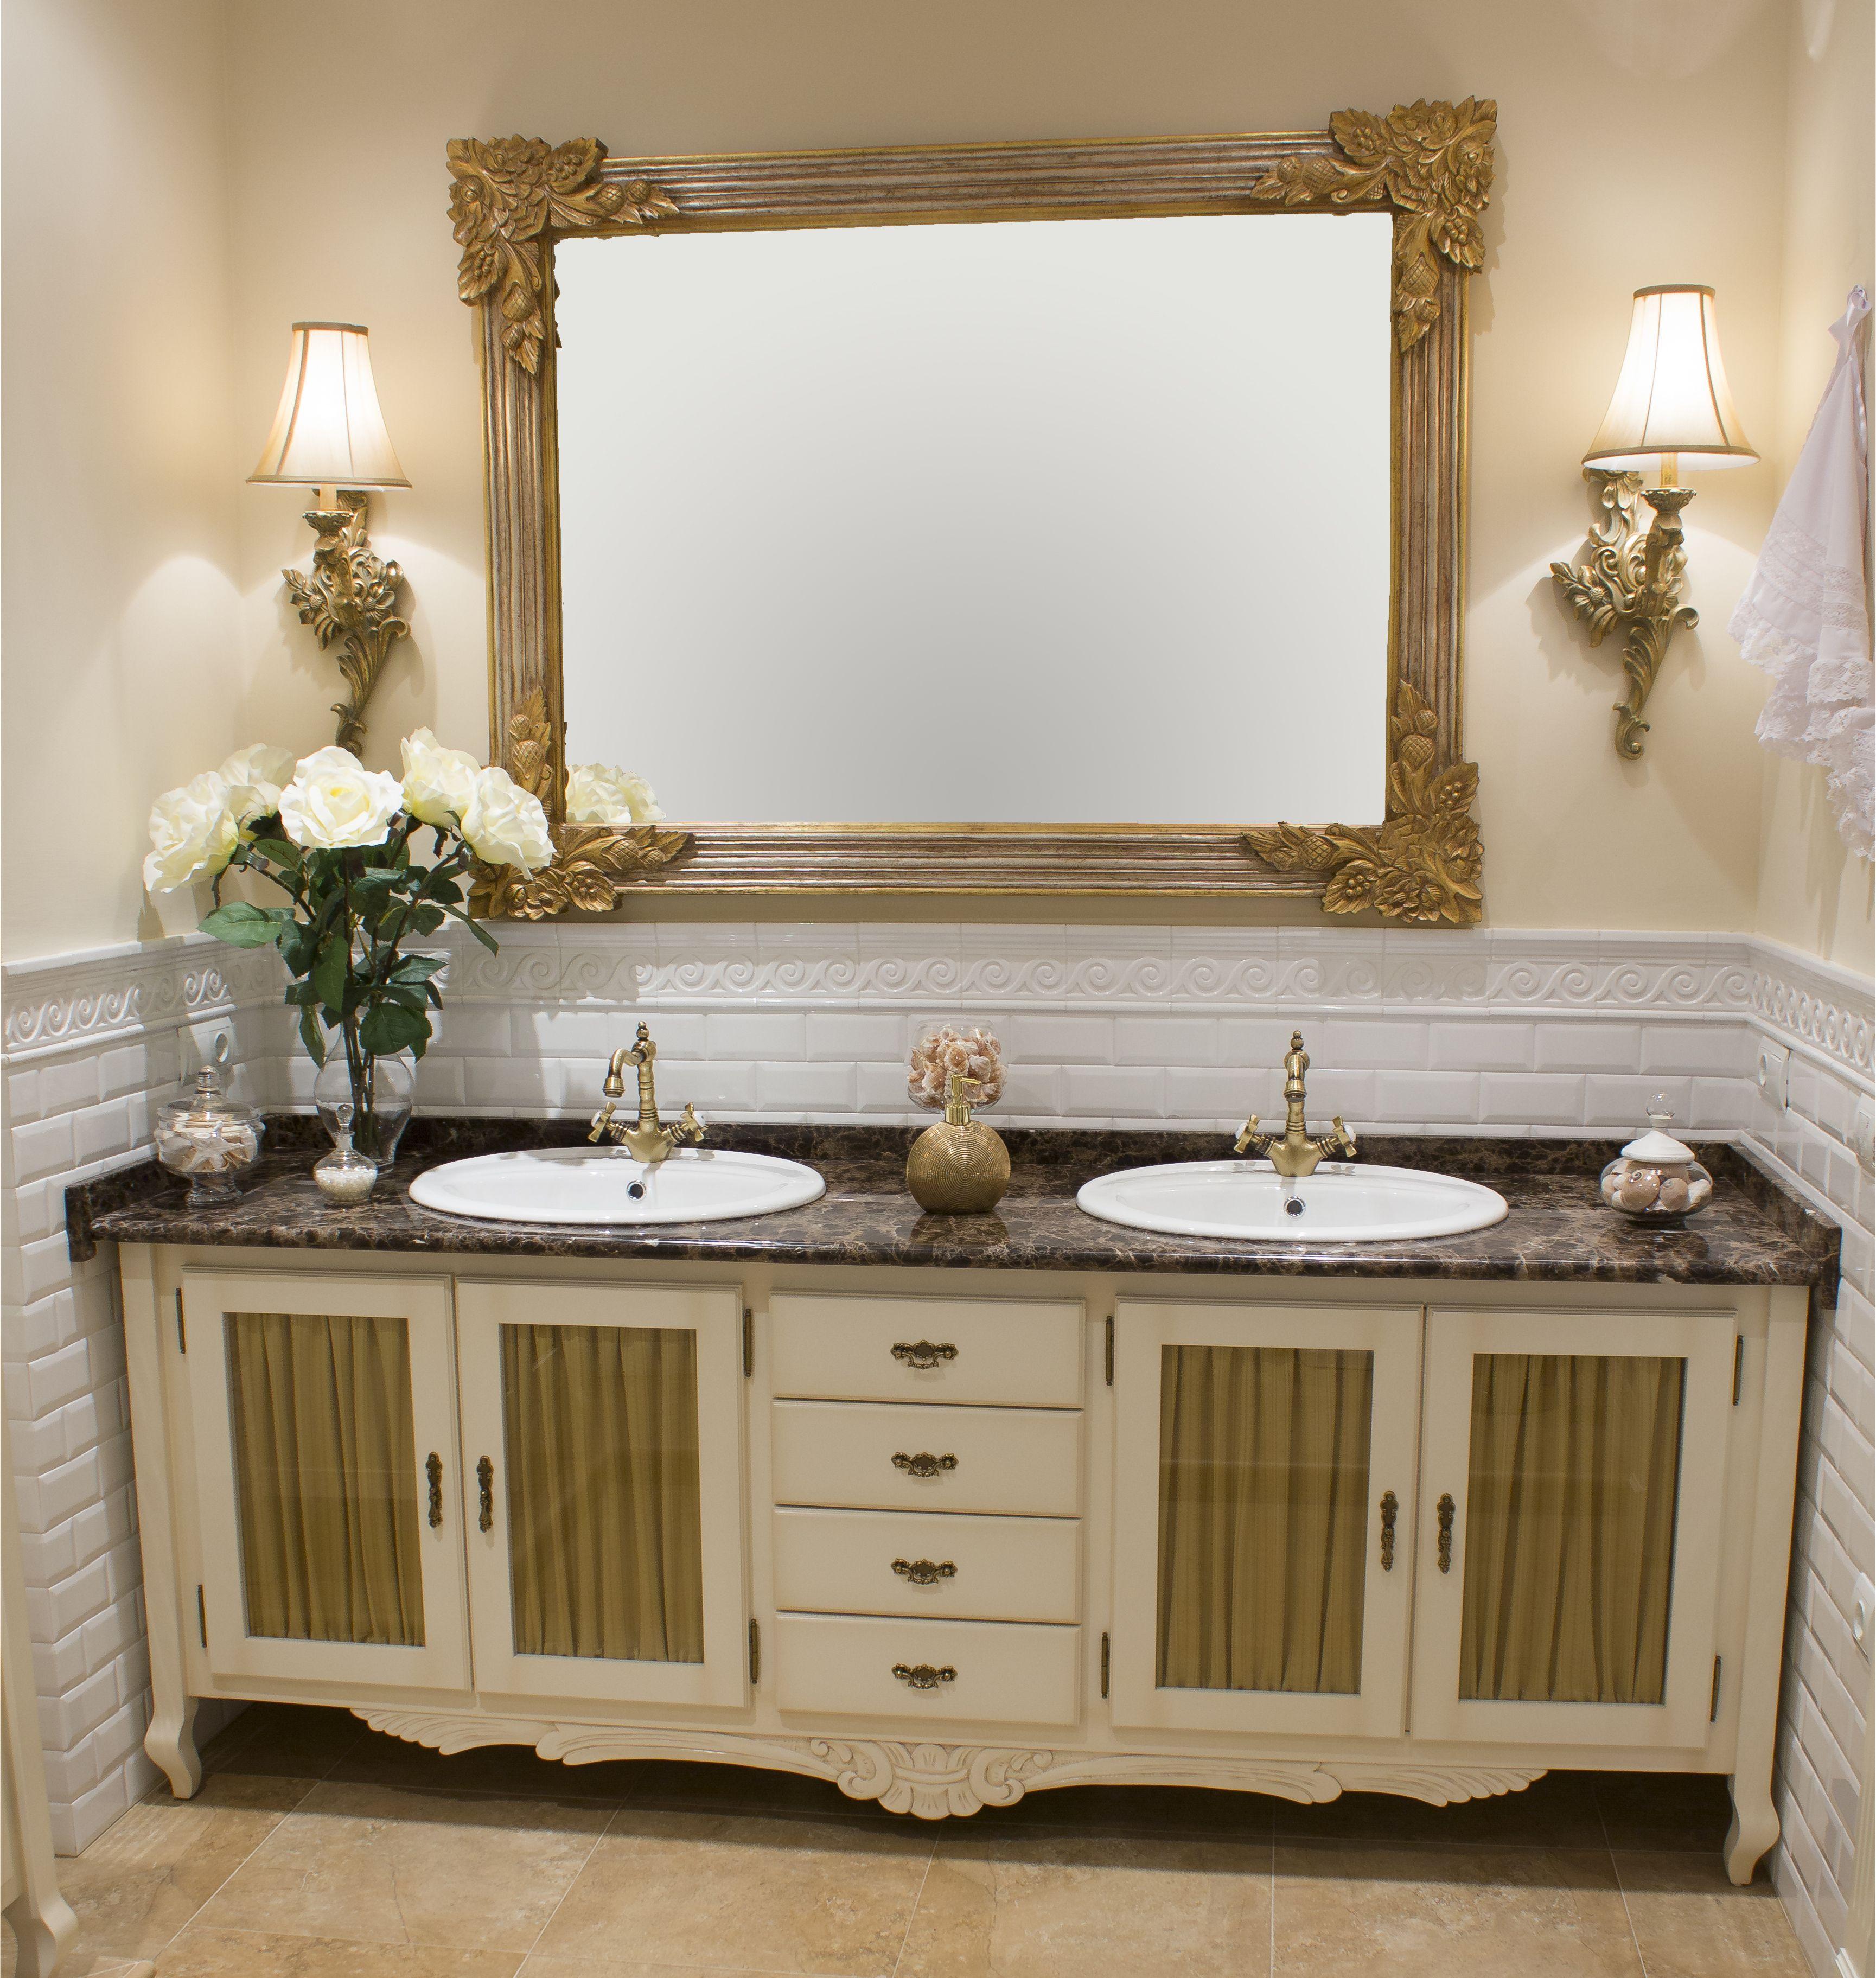 Mueble de ba o blanco envejecido de dos senos cuatro for Mueble bano rustico blanco